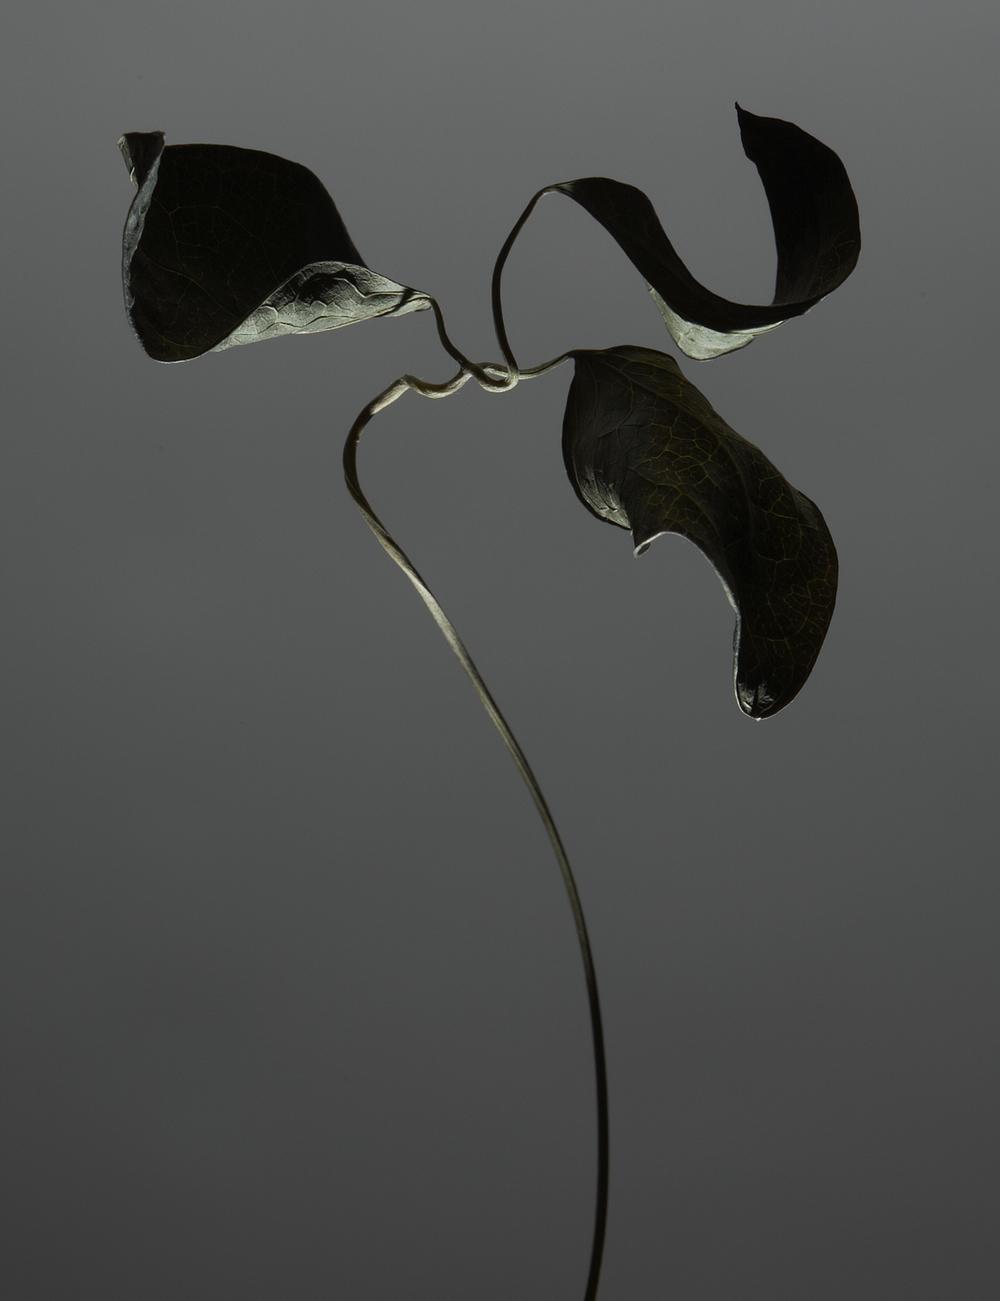 01-14-11_FLOWERS 0926.jpg